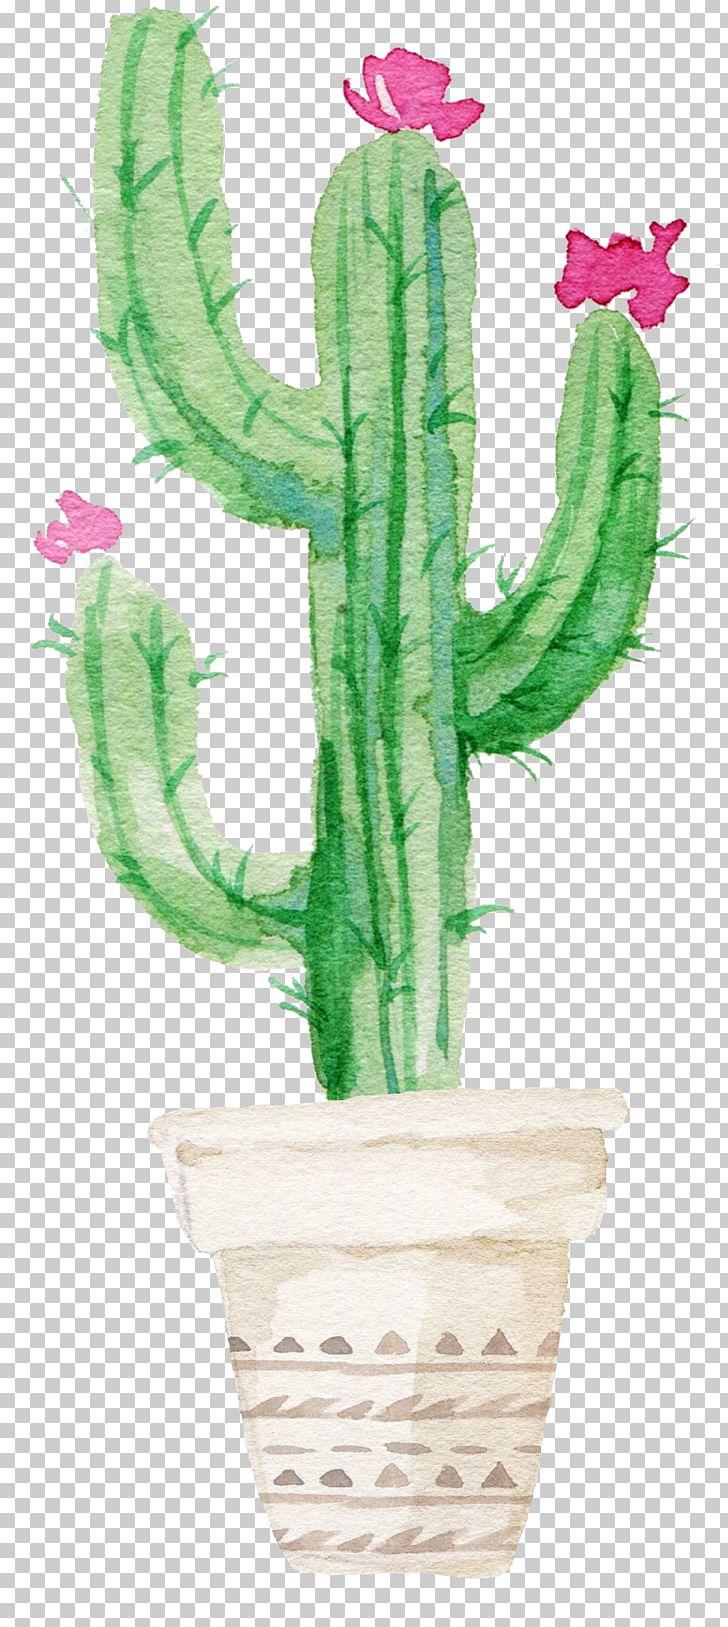 Succulent Plant Watercolor Painting Drawing Cactaceae Png Clipart Cactus Flowers Canvas Flower Flower Bouquet Flower Pattern